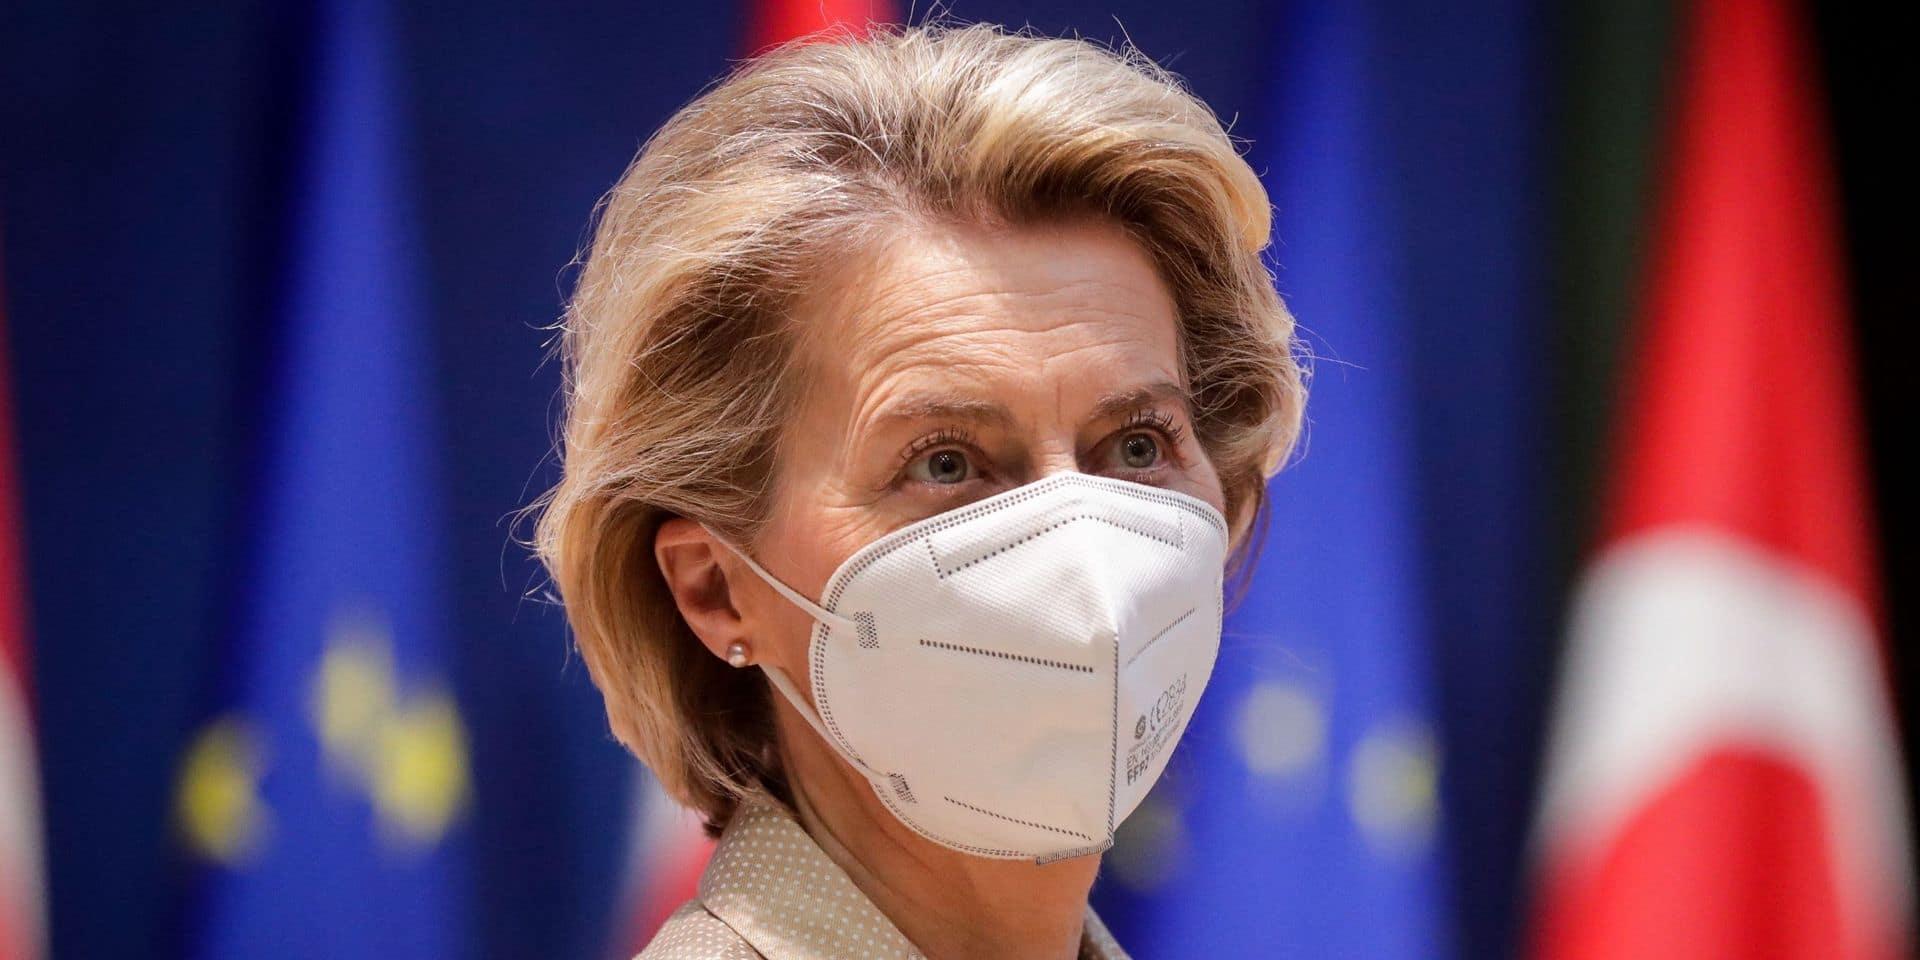 """""""Respectez votre contrat avec l'Europe avant de commencer à livrer d'autres pays"""": l'UE hausse le ton face à AstraZeneca"""